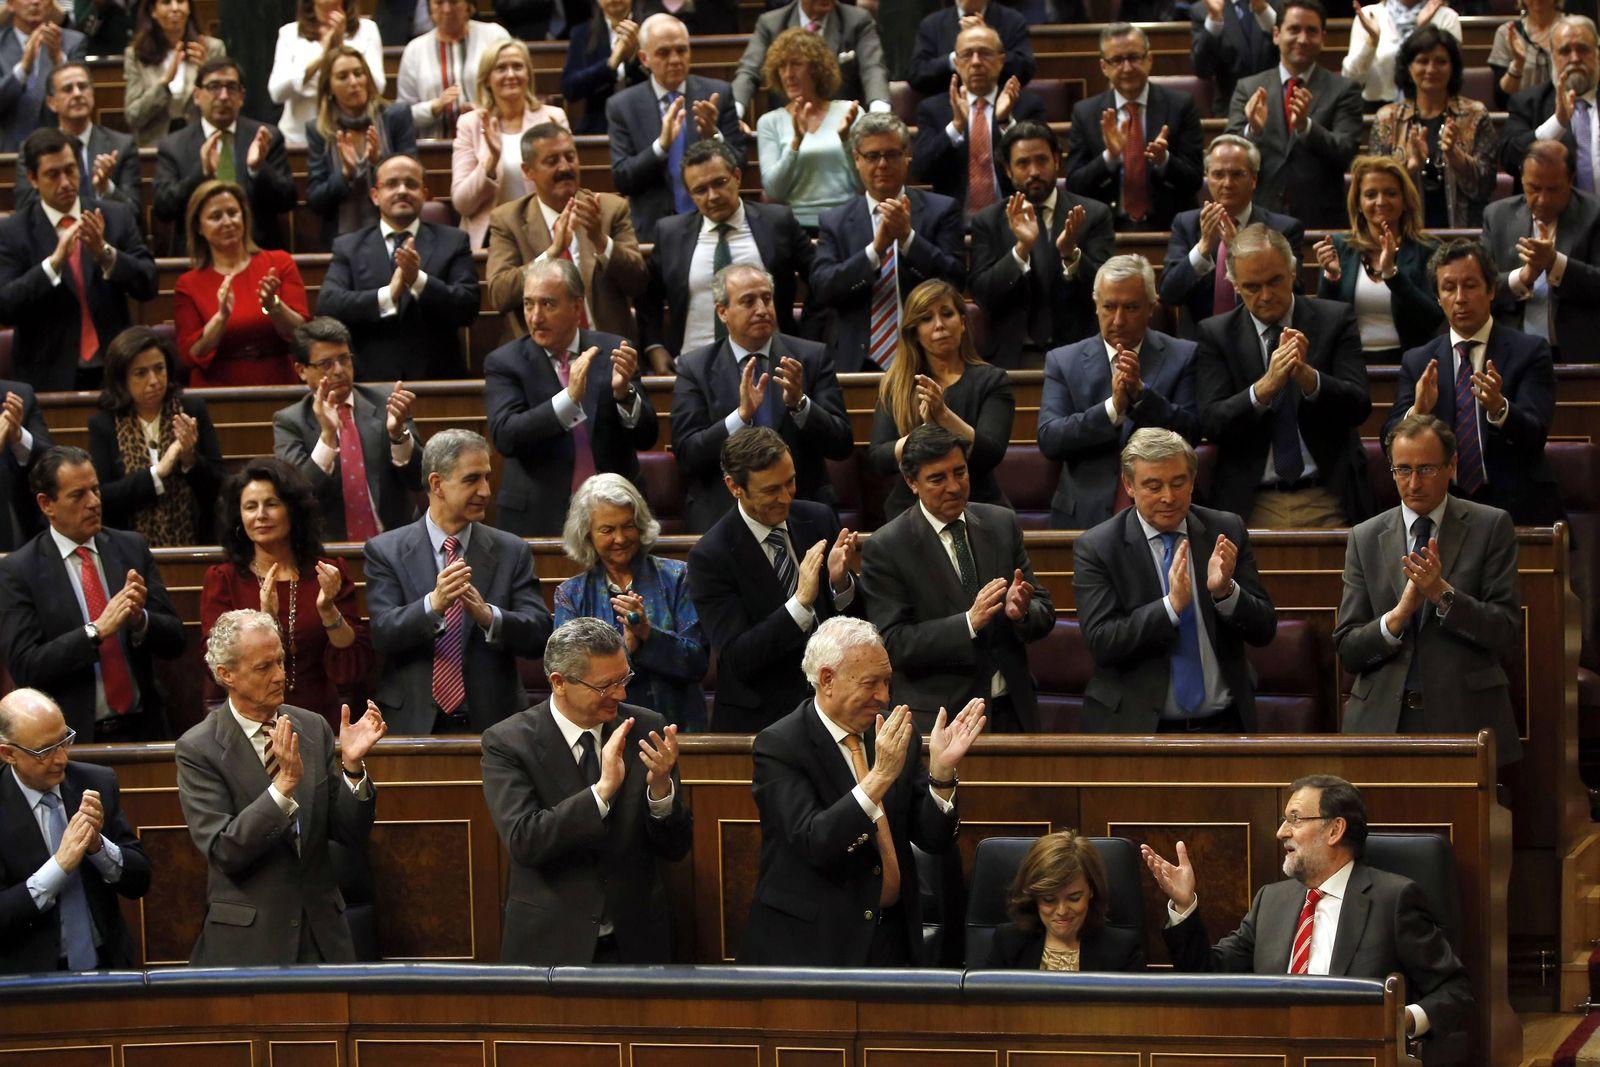 Parelament Spanien/ Katalonien